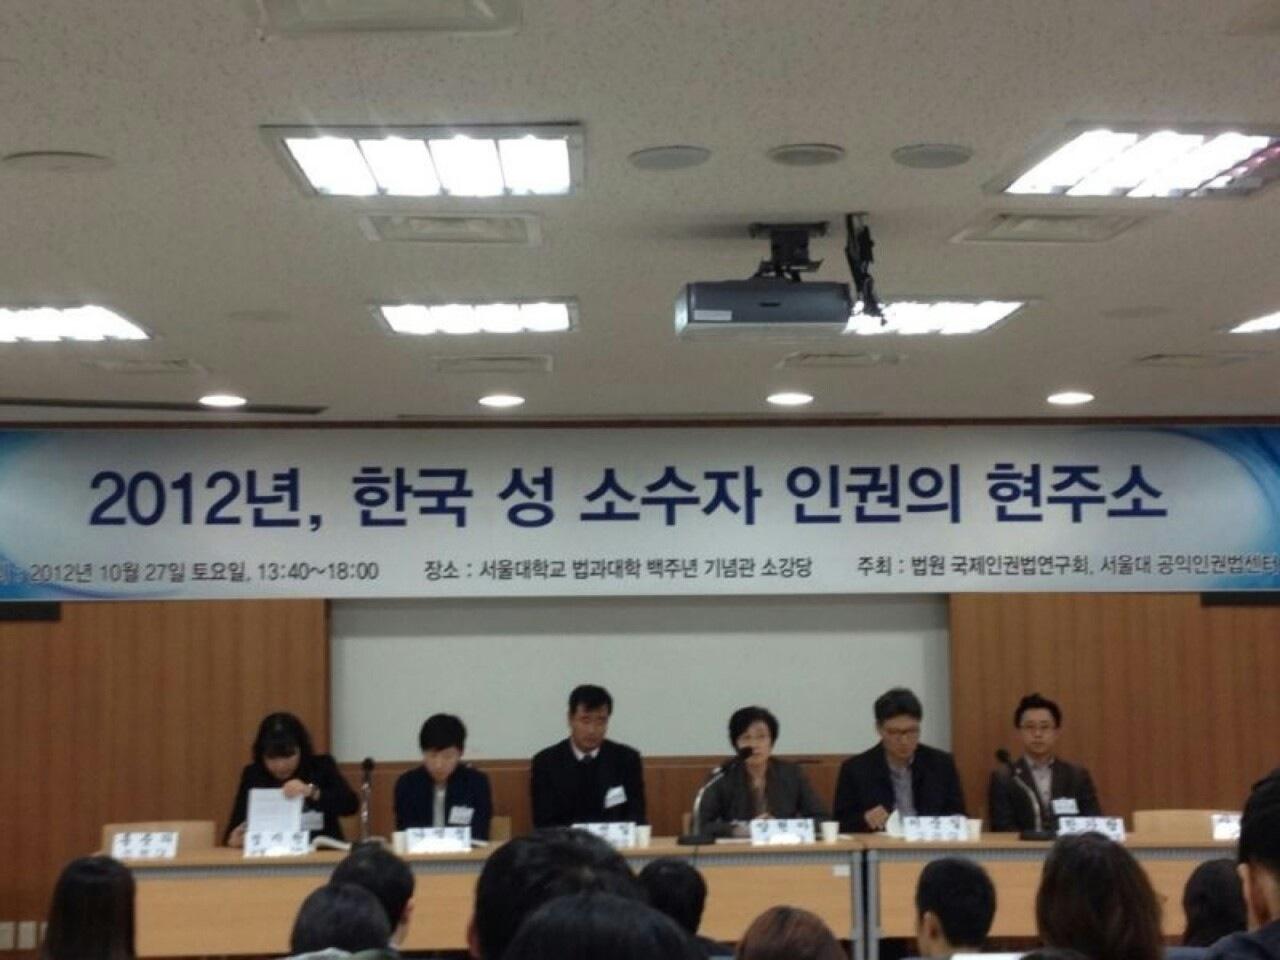 20121027-성소수자인권현주소.JPG